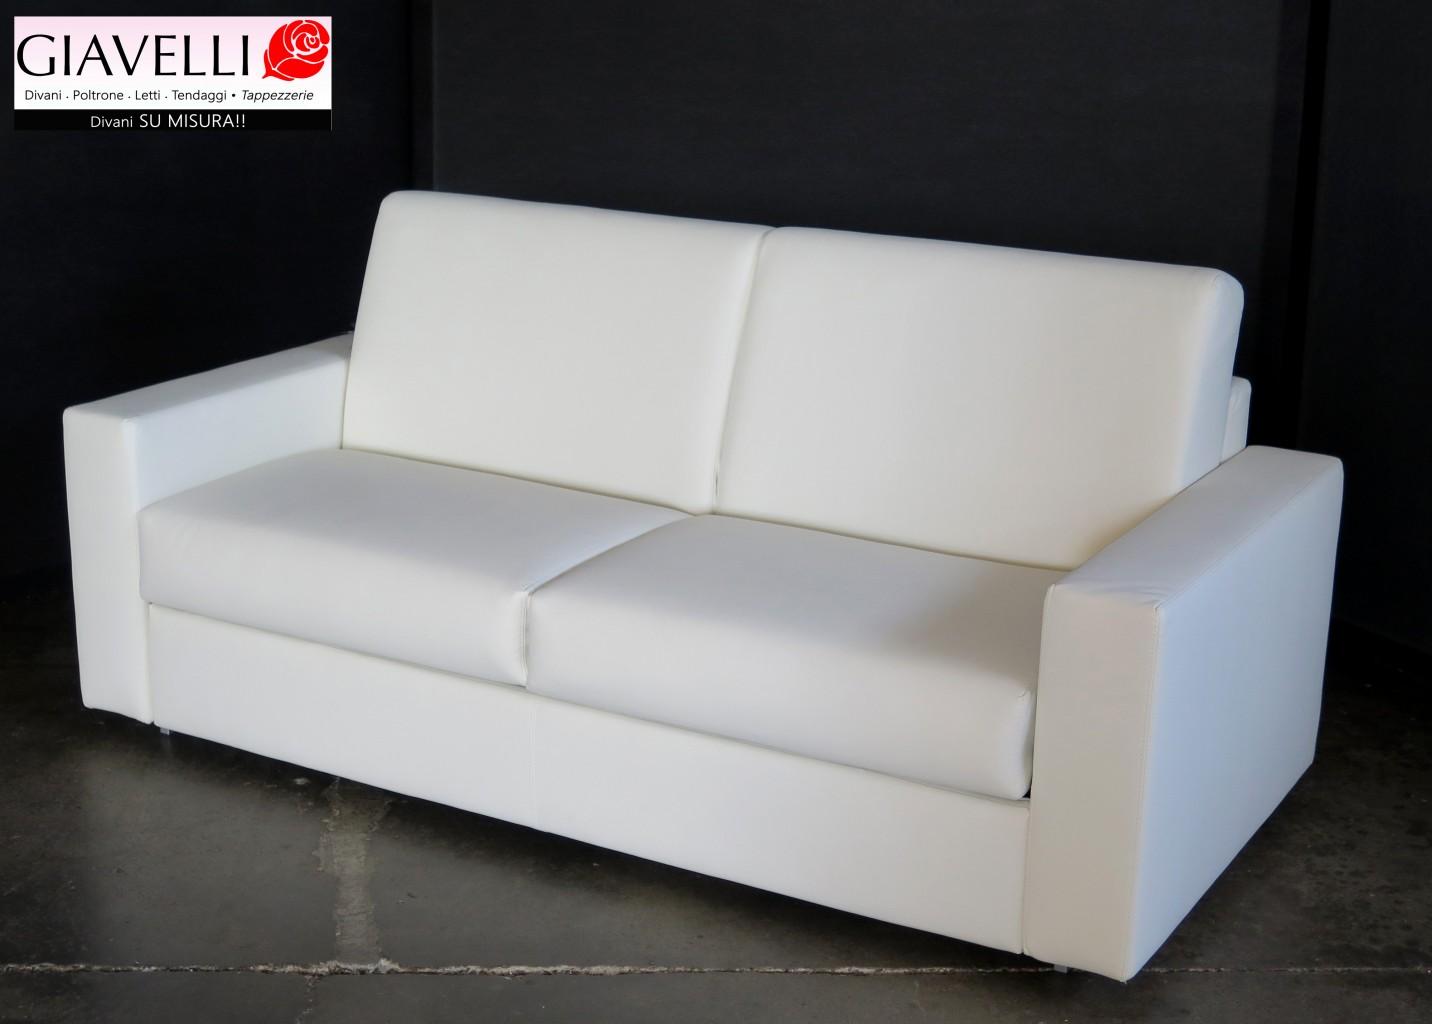 Collezioni divani letto - Divano letto elettrico ...